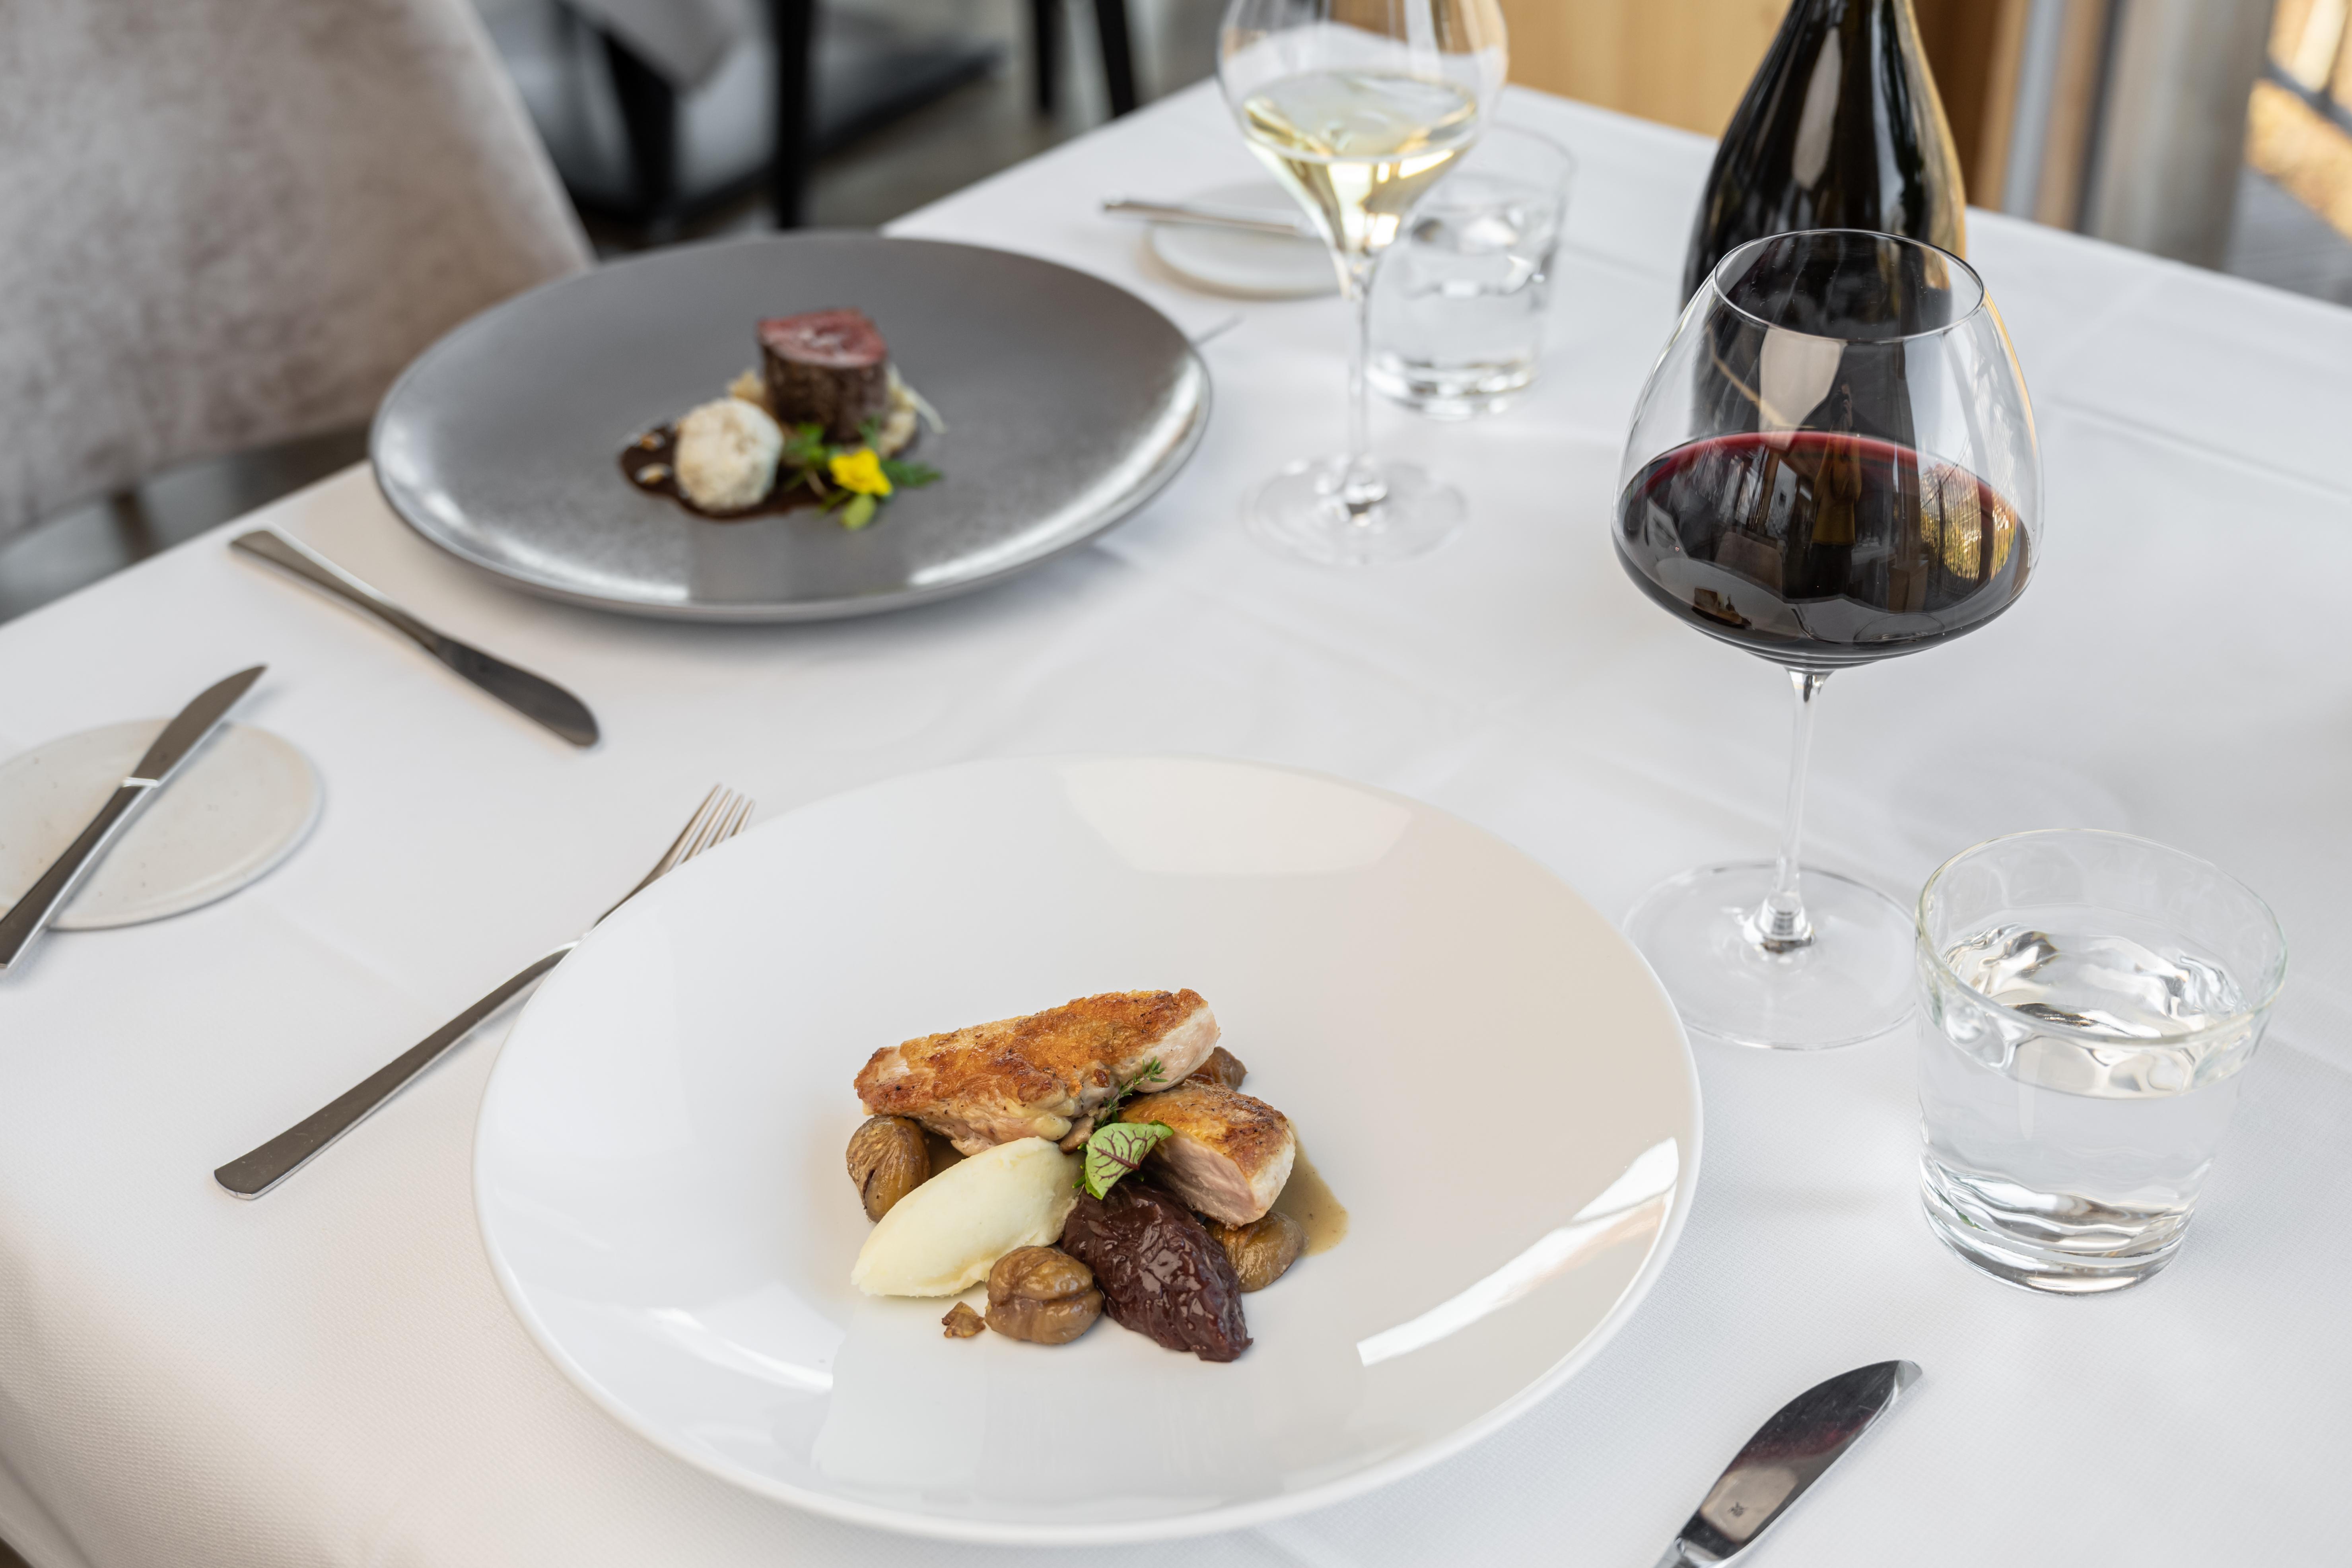 Tavolo pranzo e cena ristorante Vecchia Sorni